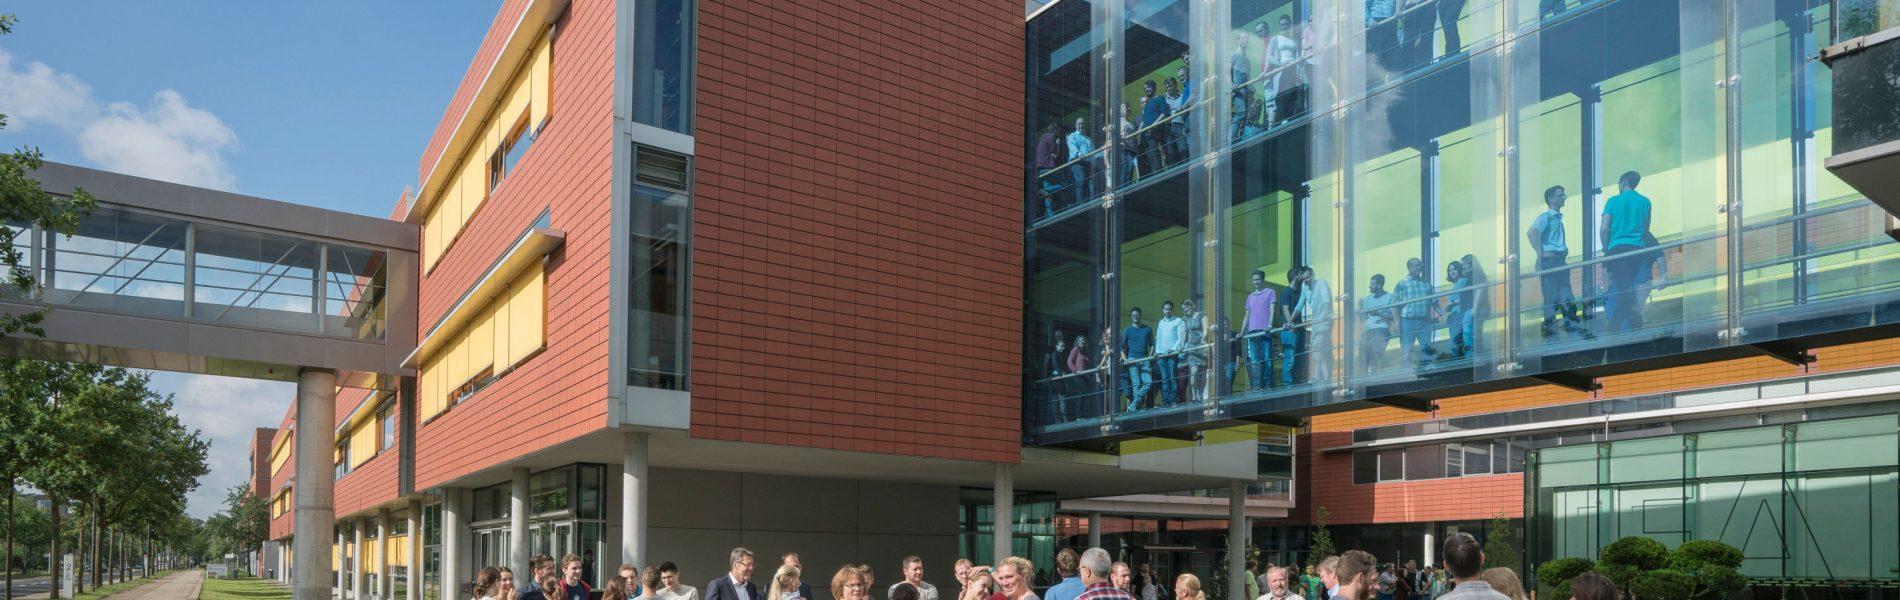 """Das Bild zeigt eine Menschenmenge, die sich vor dem """"Fraunhofer Institut für Fertigungstechnik und angewandte Materialforschung"""" befinden."""